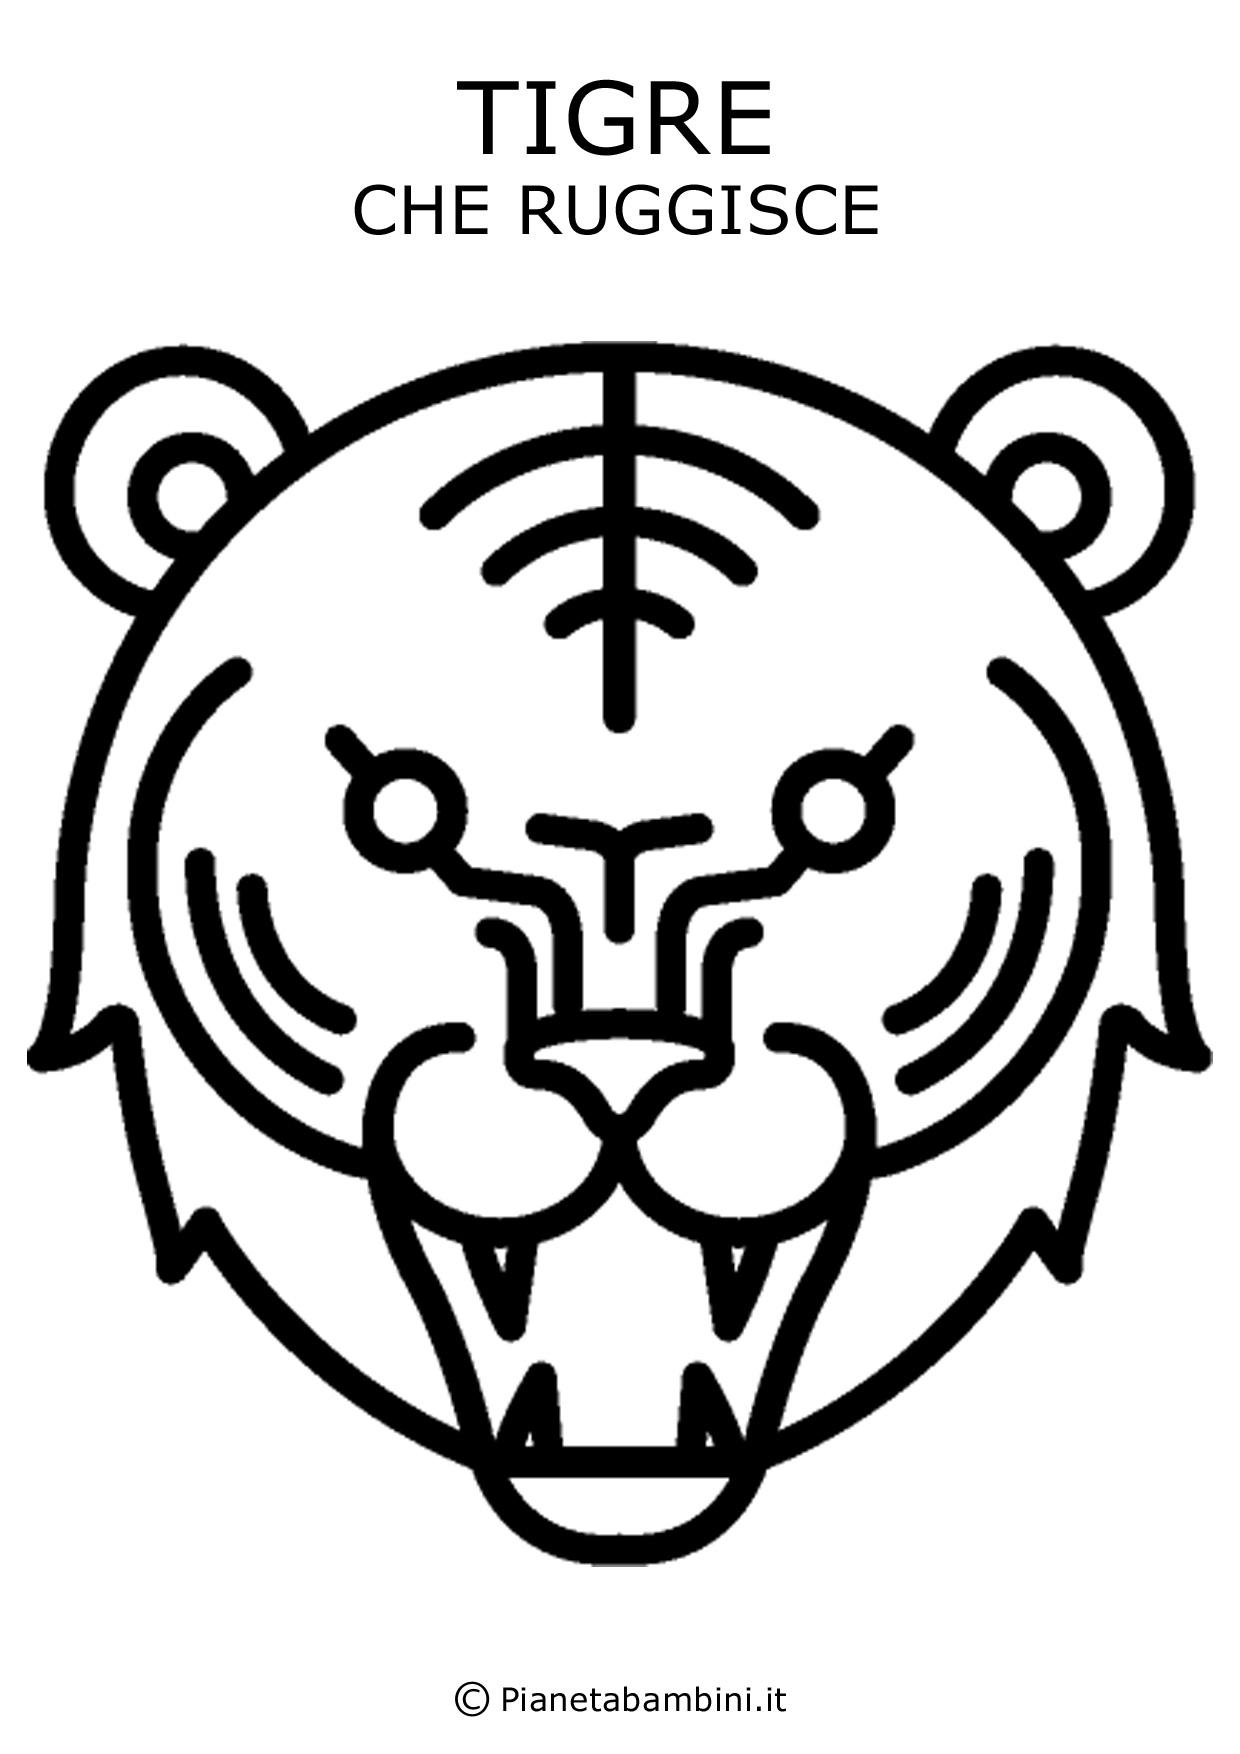 Tigre-Ruggisce